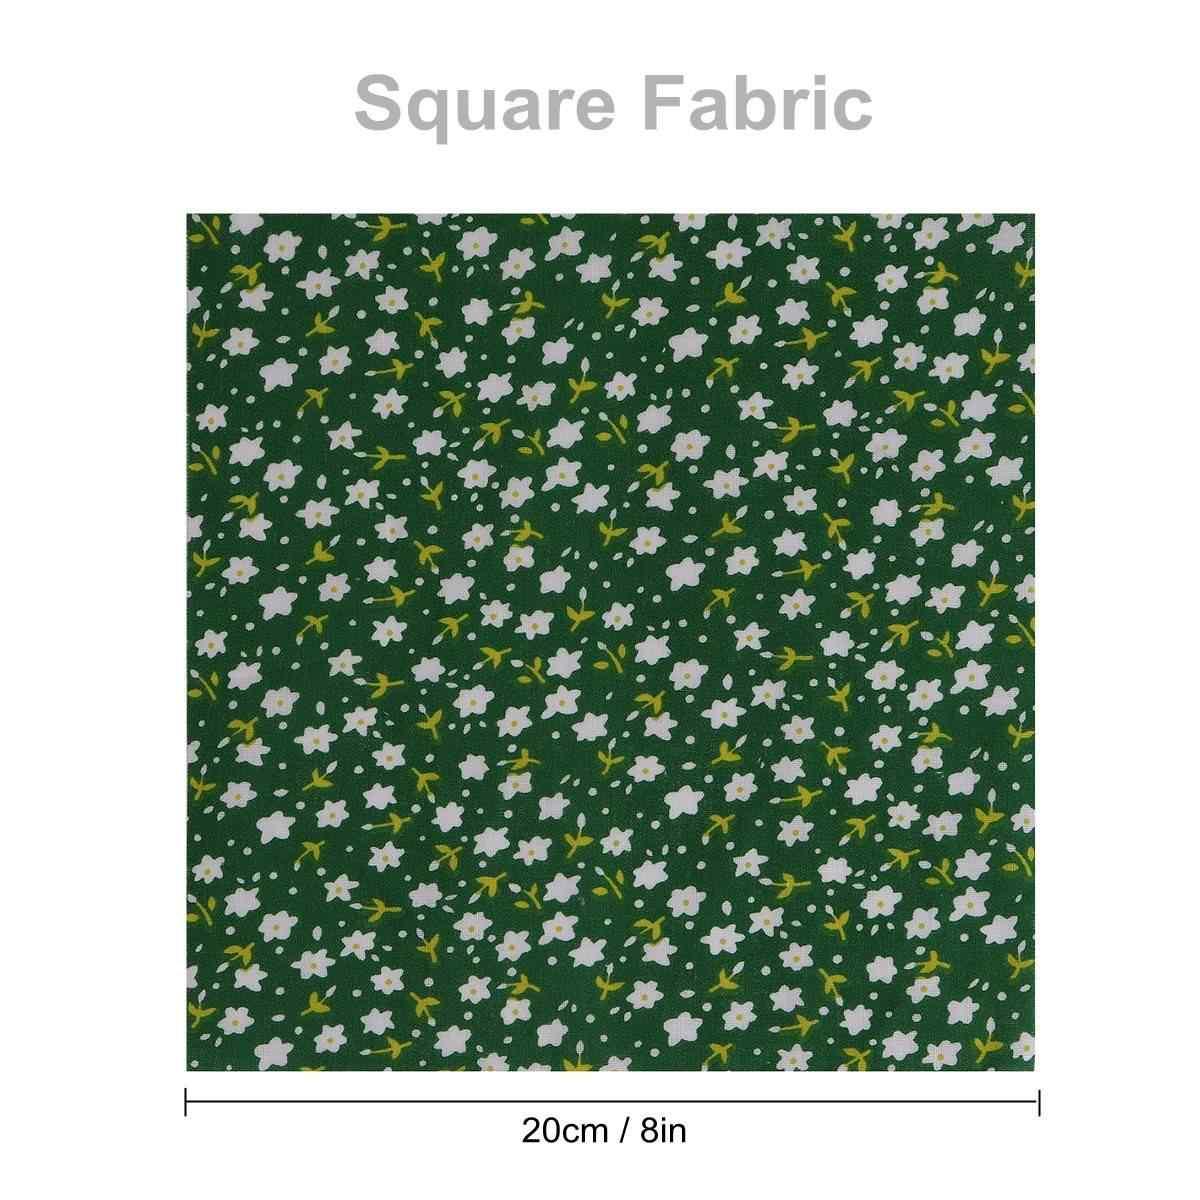 50 pz/lotto Morbido Cotone Tinta Unita Tessuto Patchwork di Stoffa Fatti A Mano FAI DA TE Quilting Cucito Artigianato Cuscino Sacchetto di Materiale Tessile 20x20 cm